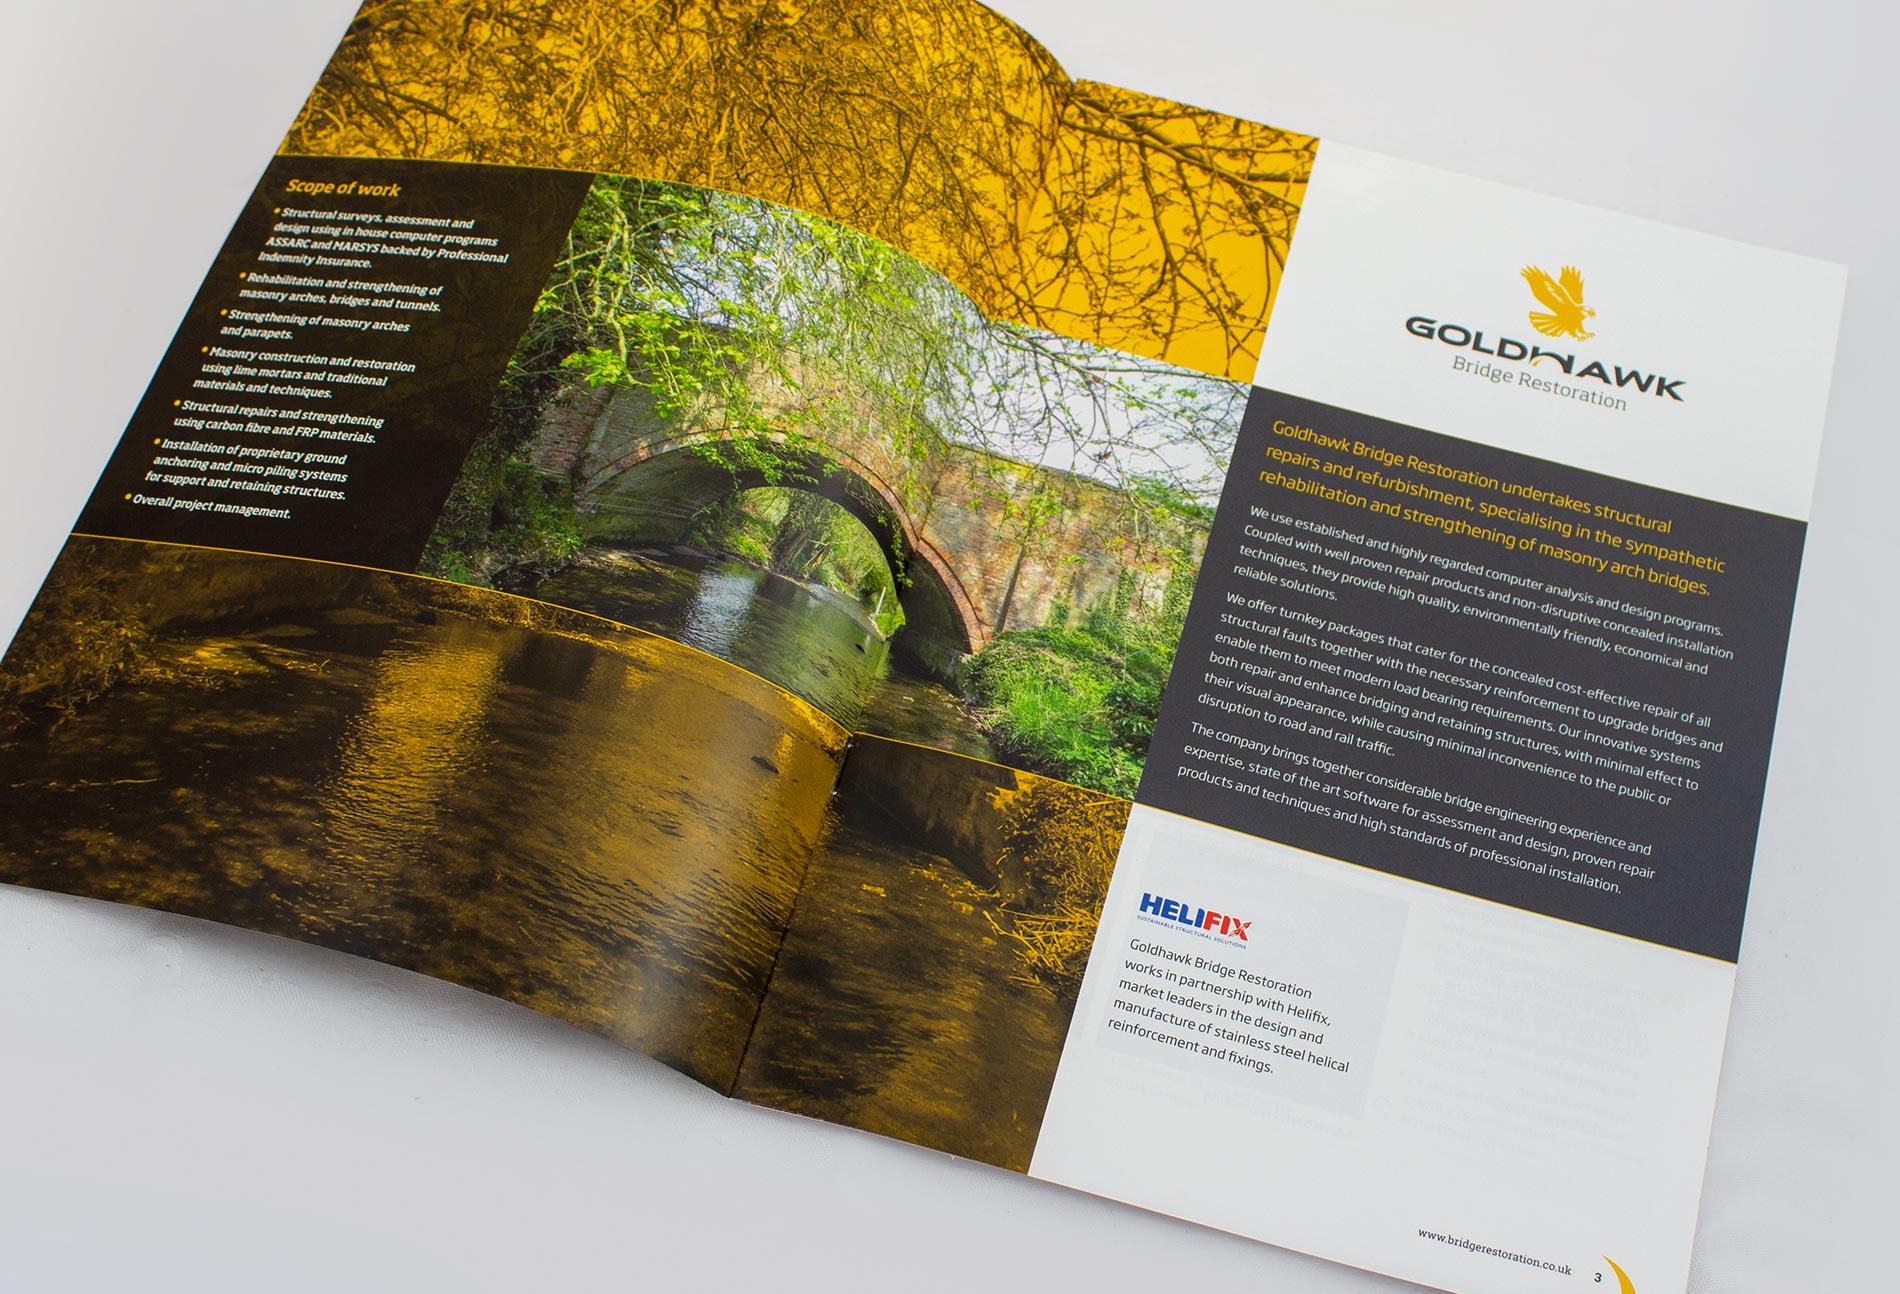 Printed brochure for Goldhawk Bridge Restoration